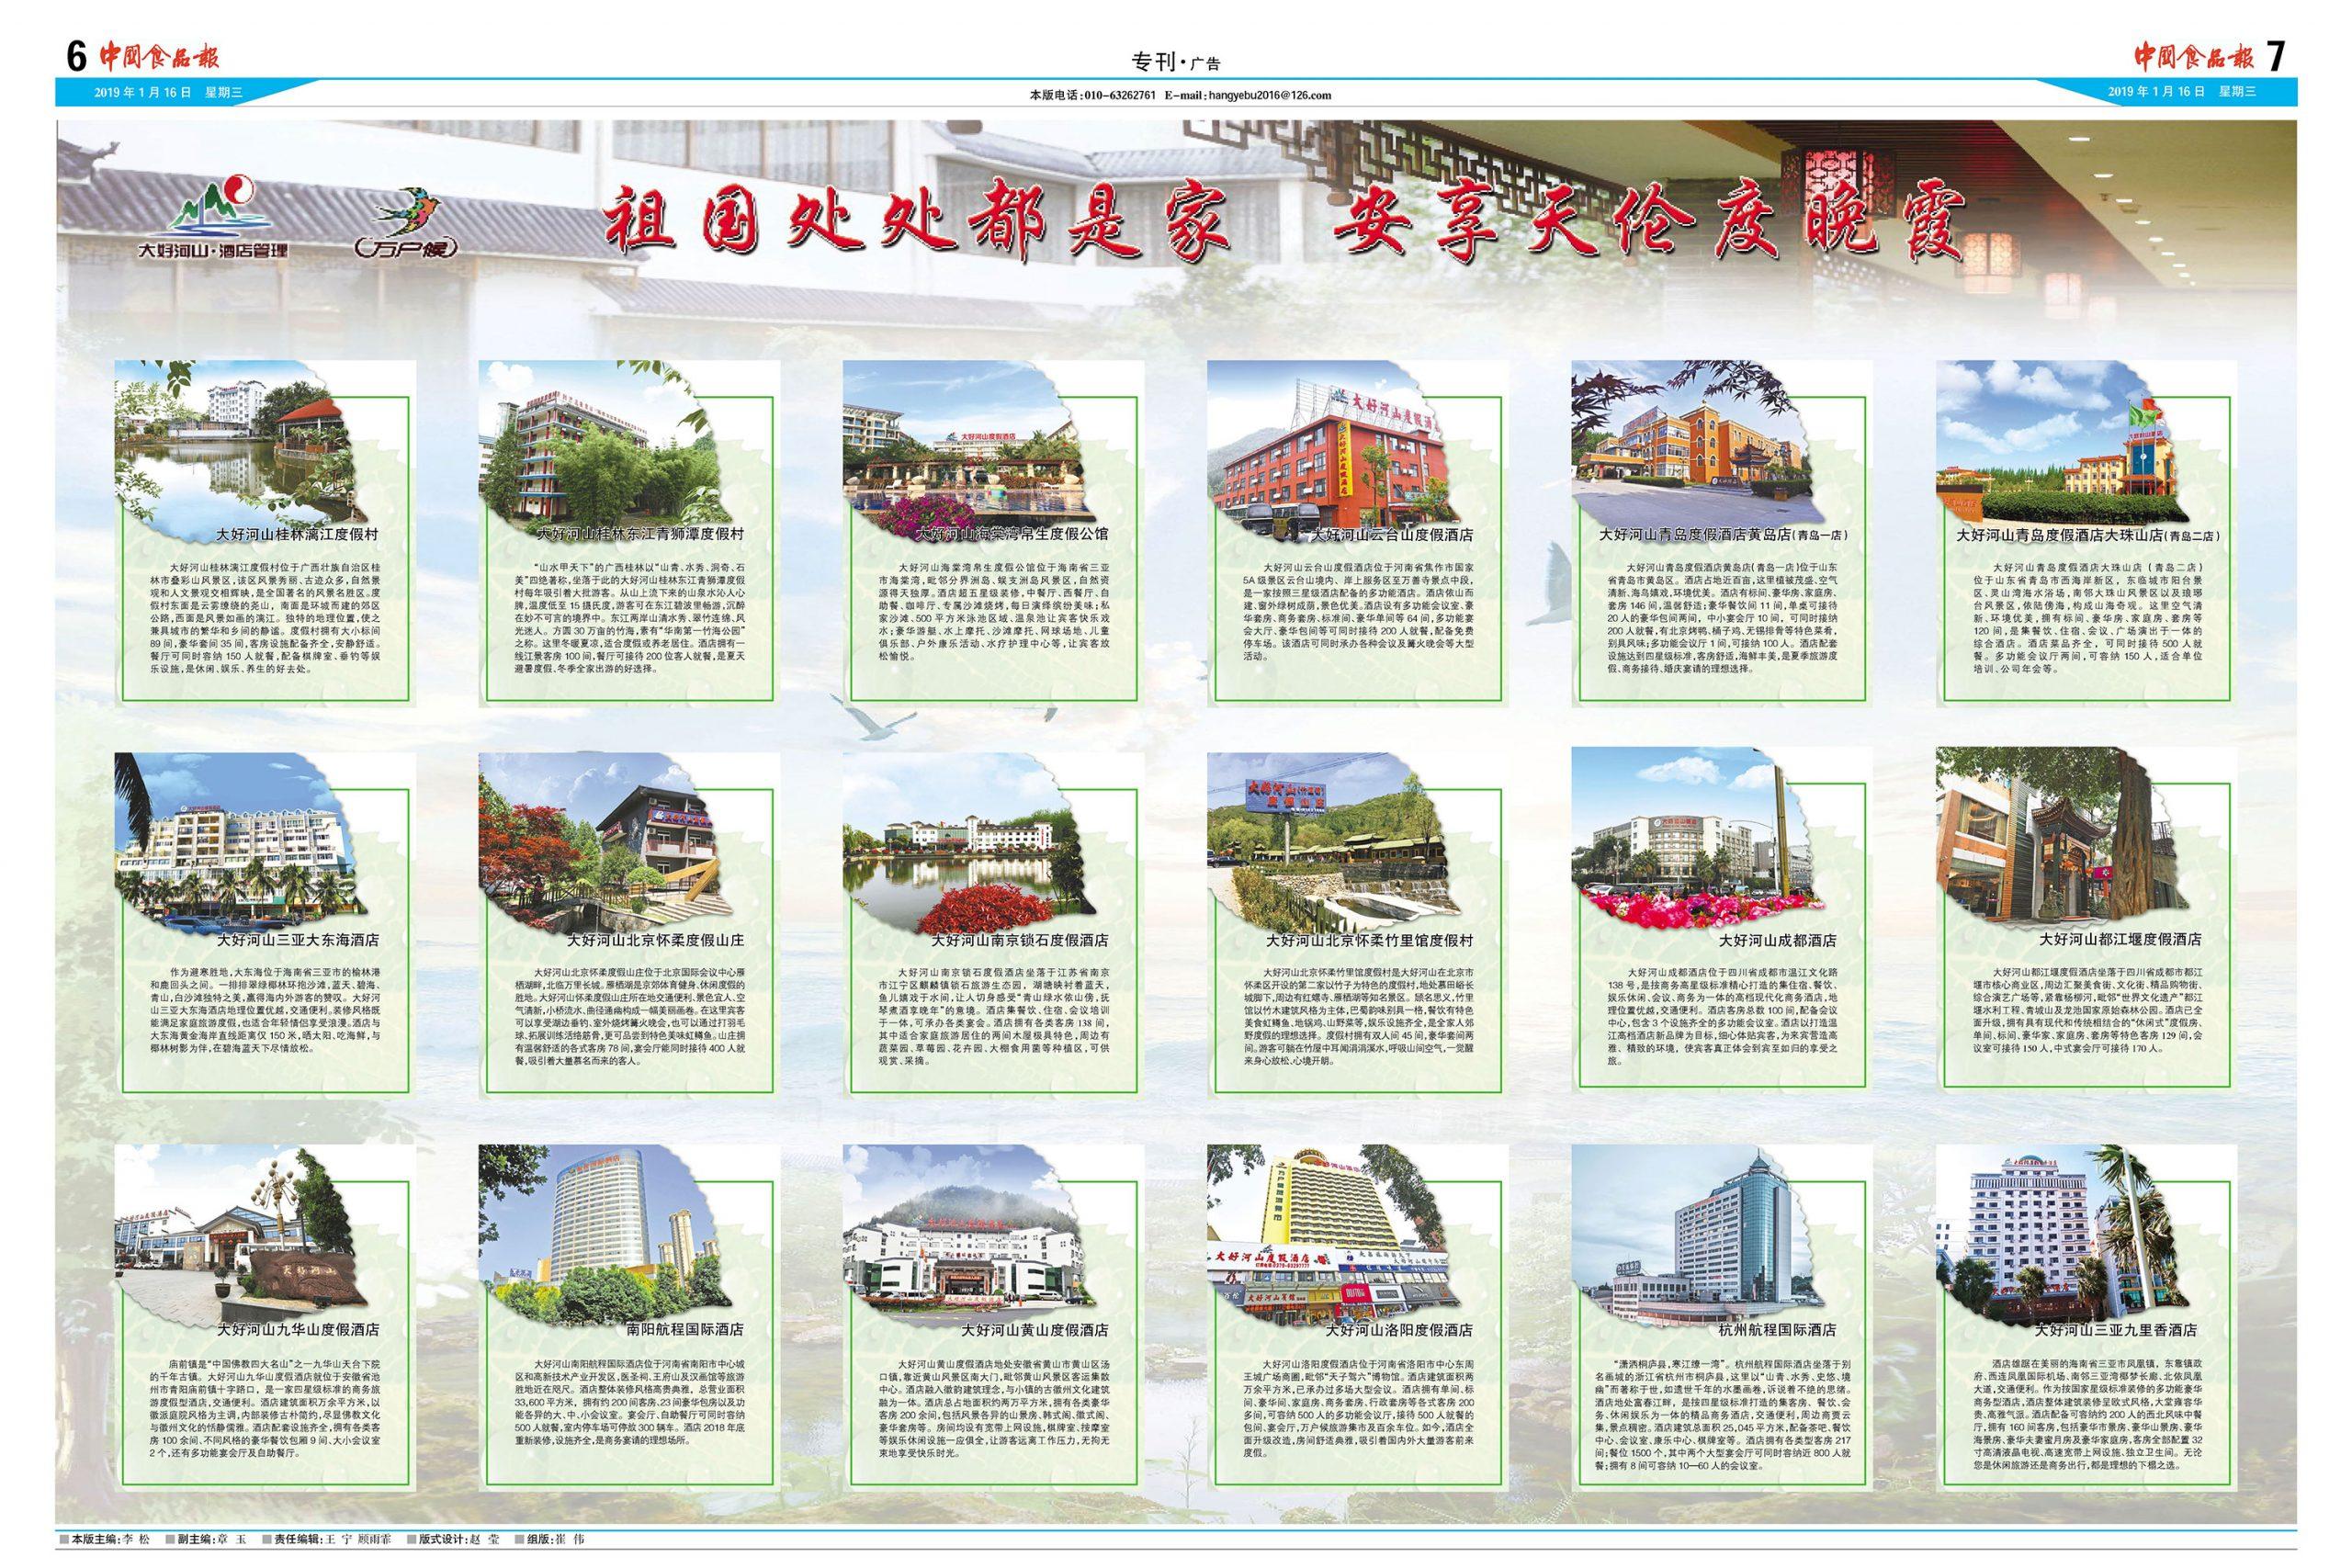 中国食品报 2019-01-16 专刊7